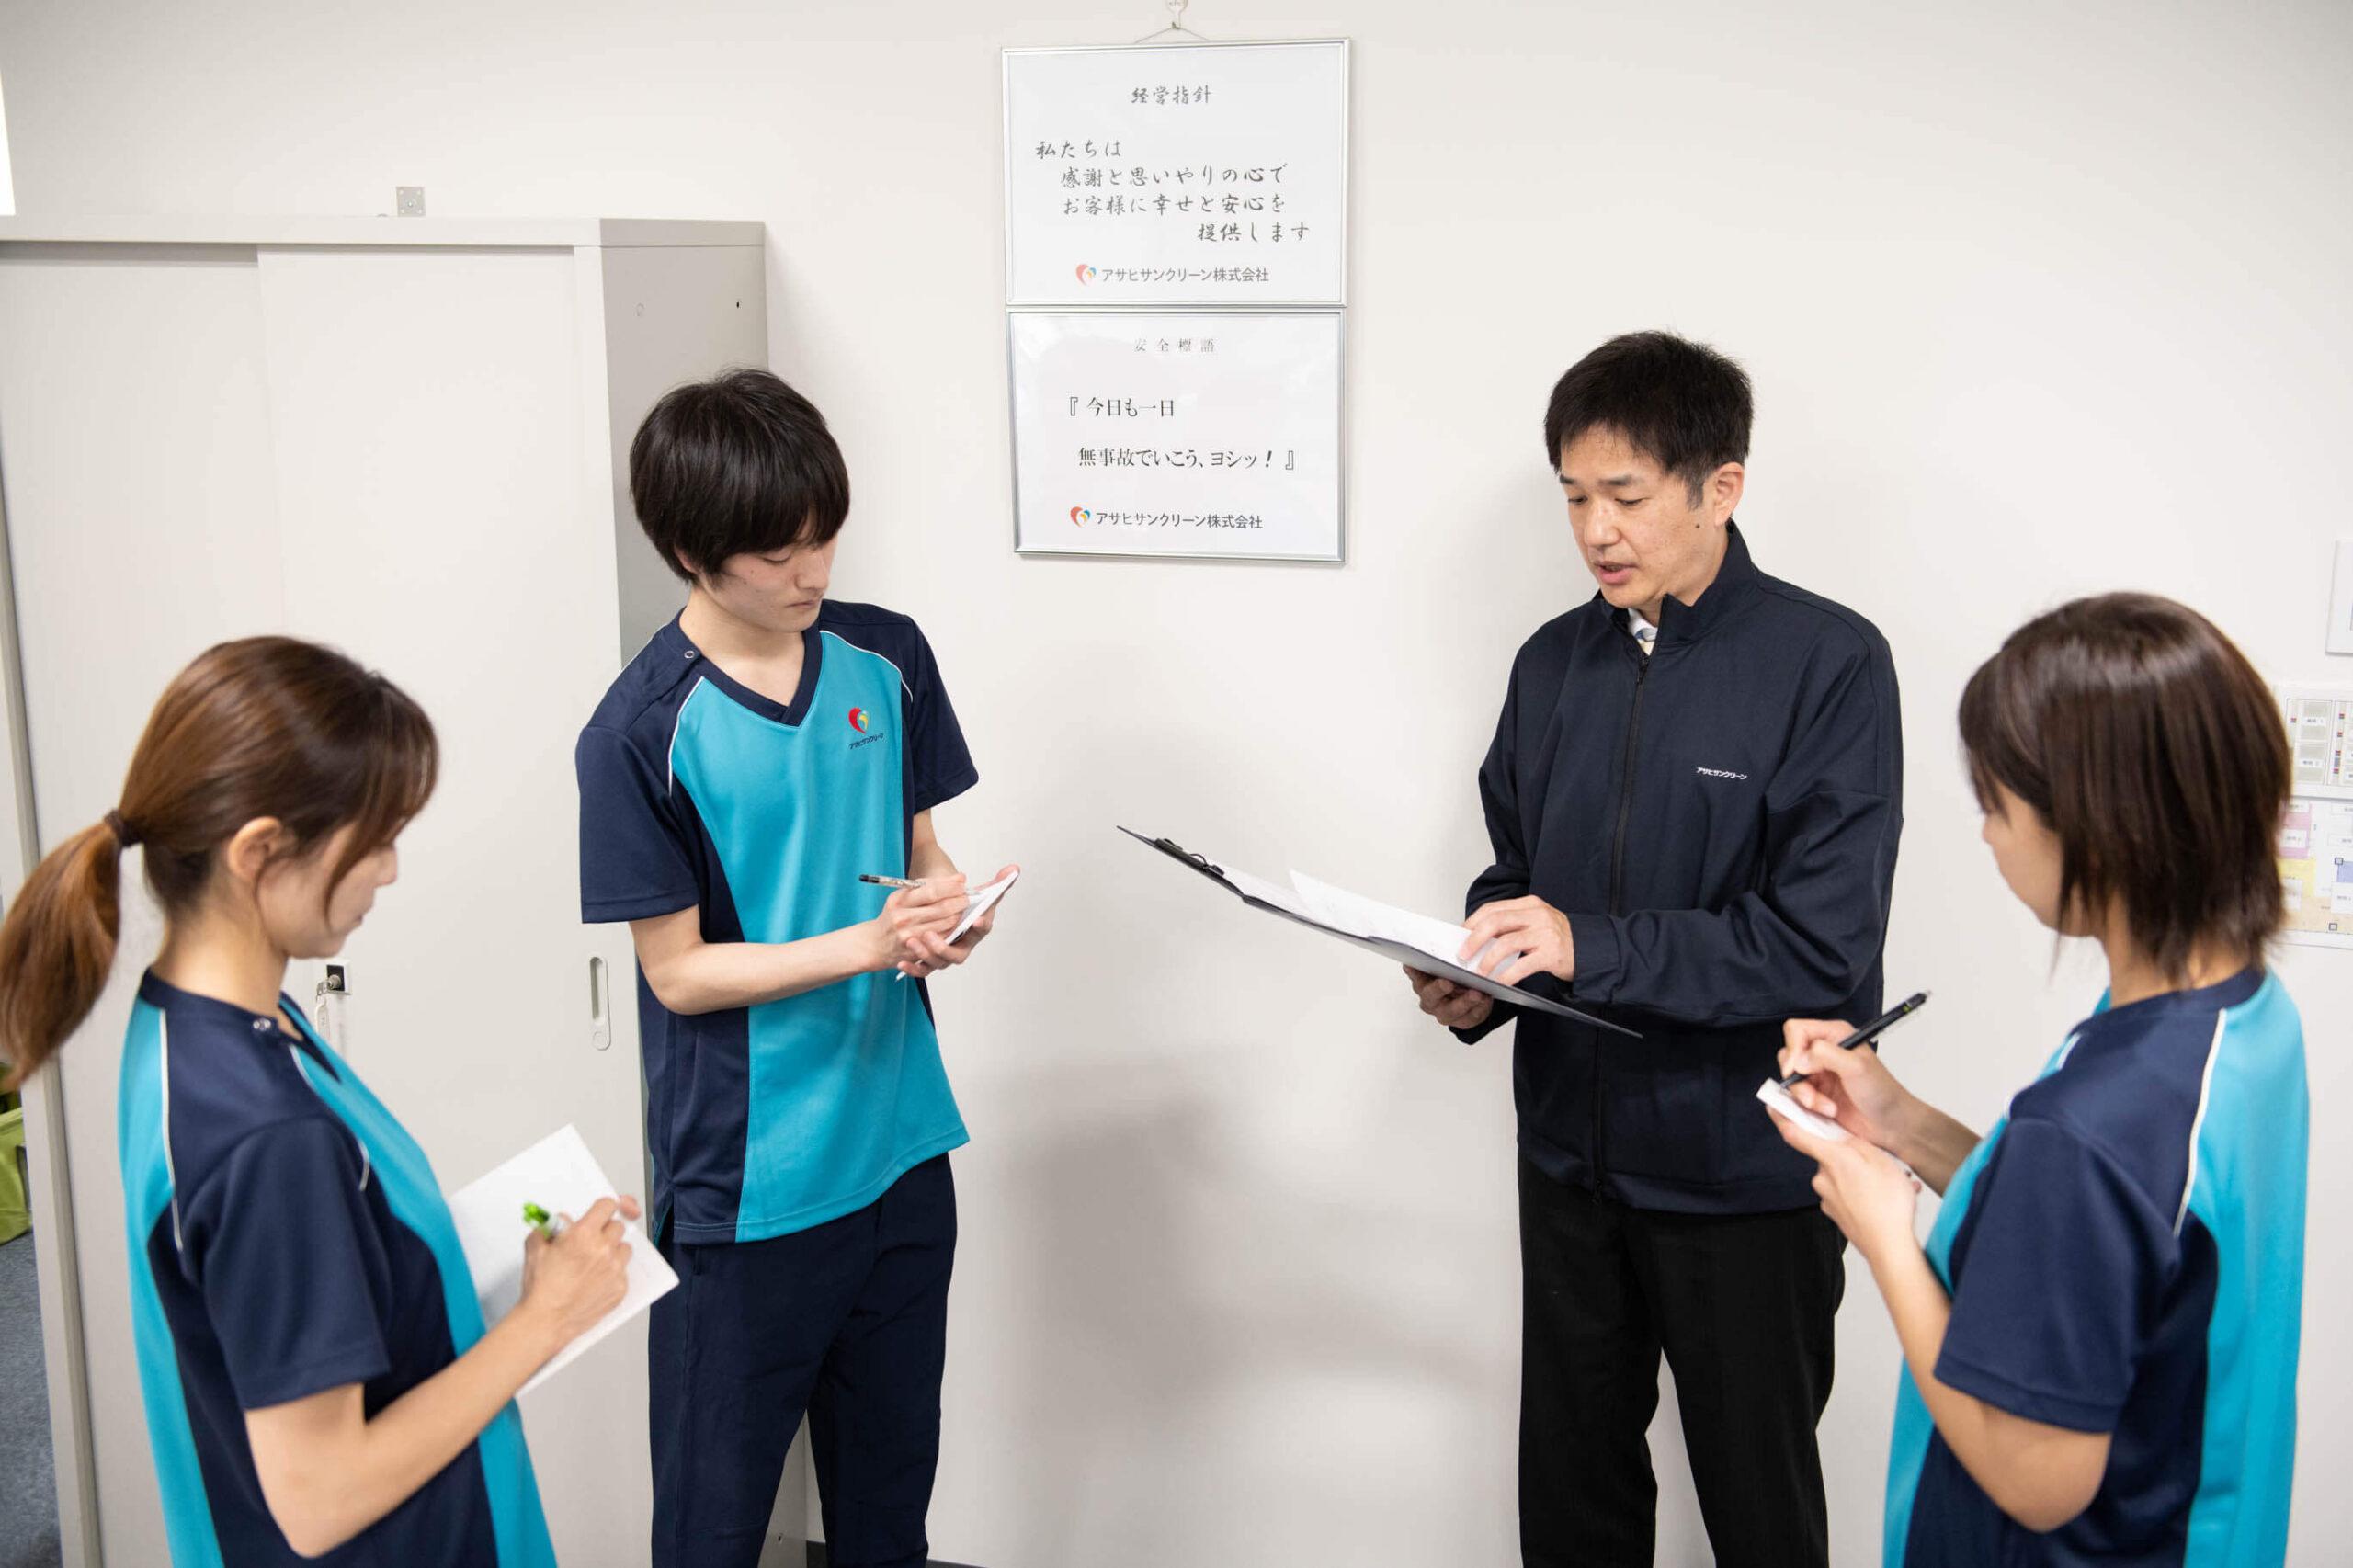 アサヒサンクリーンの社員4人が朝礼で紙を見ながら当日の訪問スケジュールを確認している写真